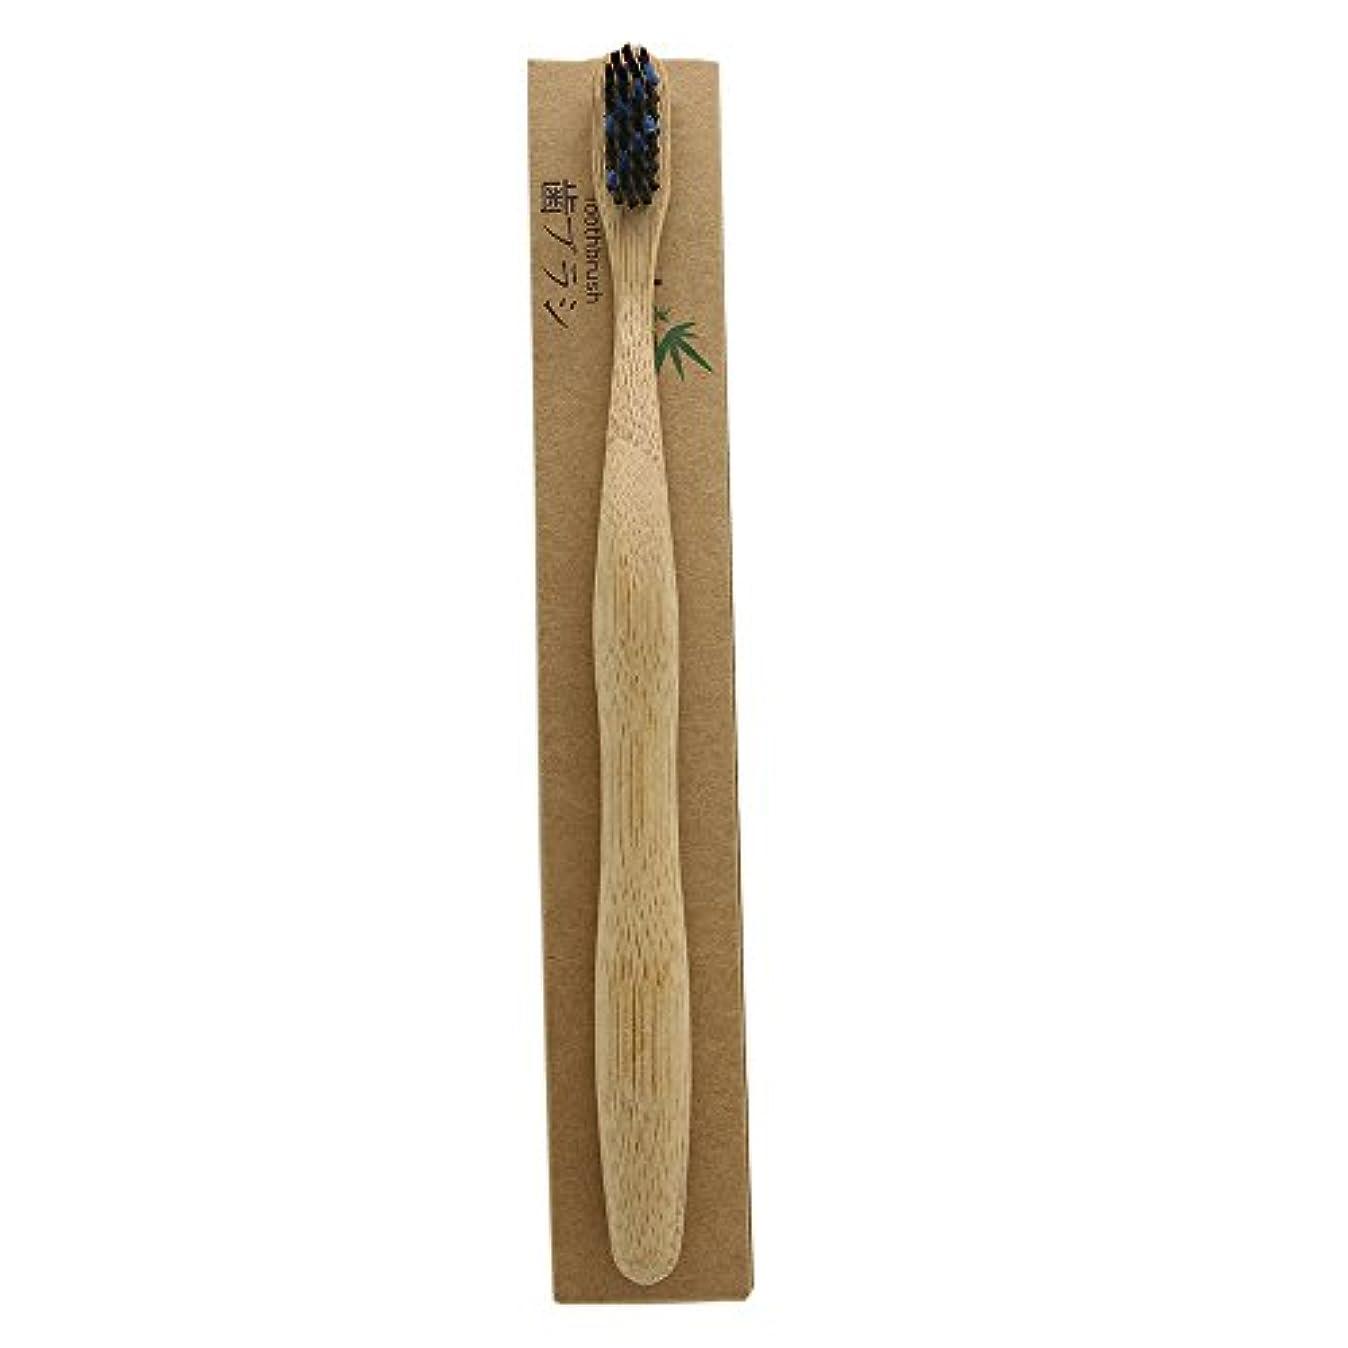 ペルメルグラマージョットディボンドンN-amboo 竹製耐久度高い 歯ブラシ 黒いと青い 1本